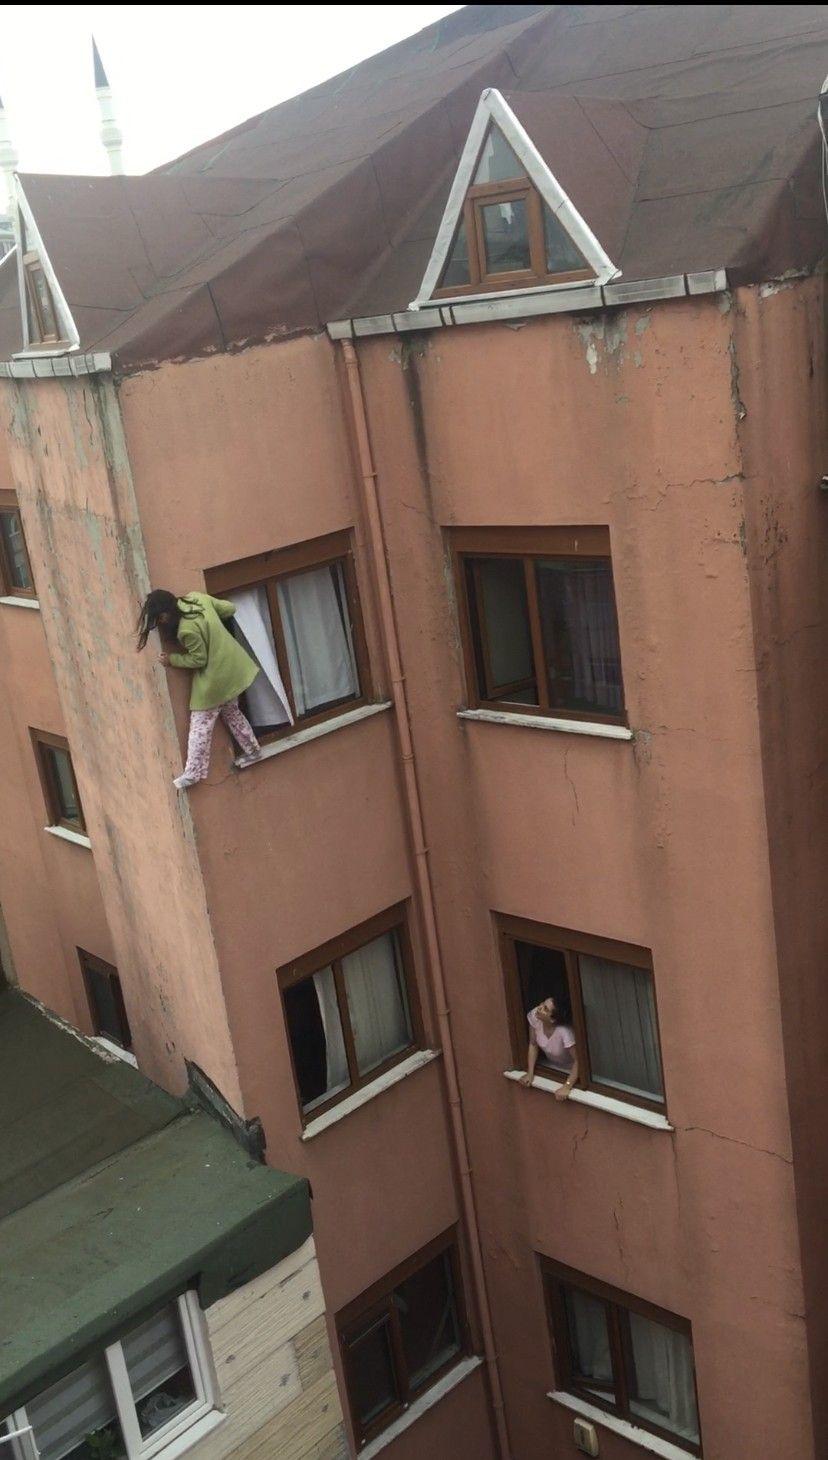 İkna etmek için çırpındılar ama yetmedi! Genç kız, kendini 4. kattan böyle aşağıya attı - Sayfa 2